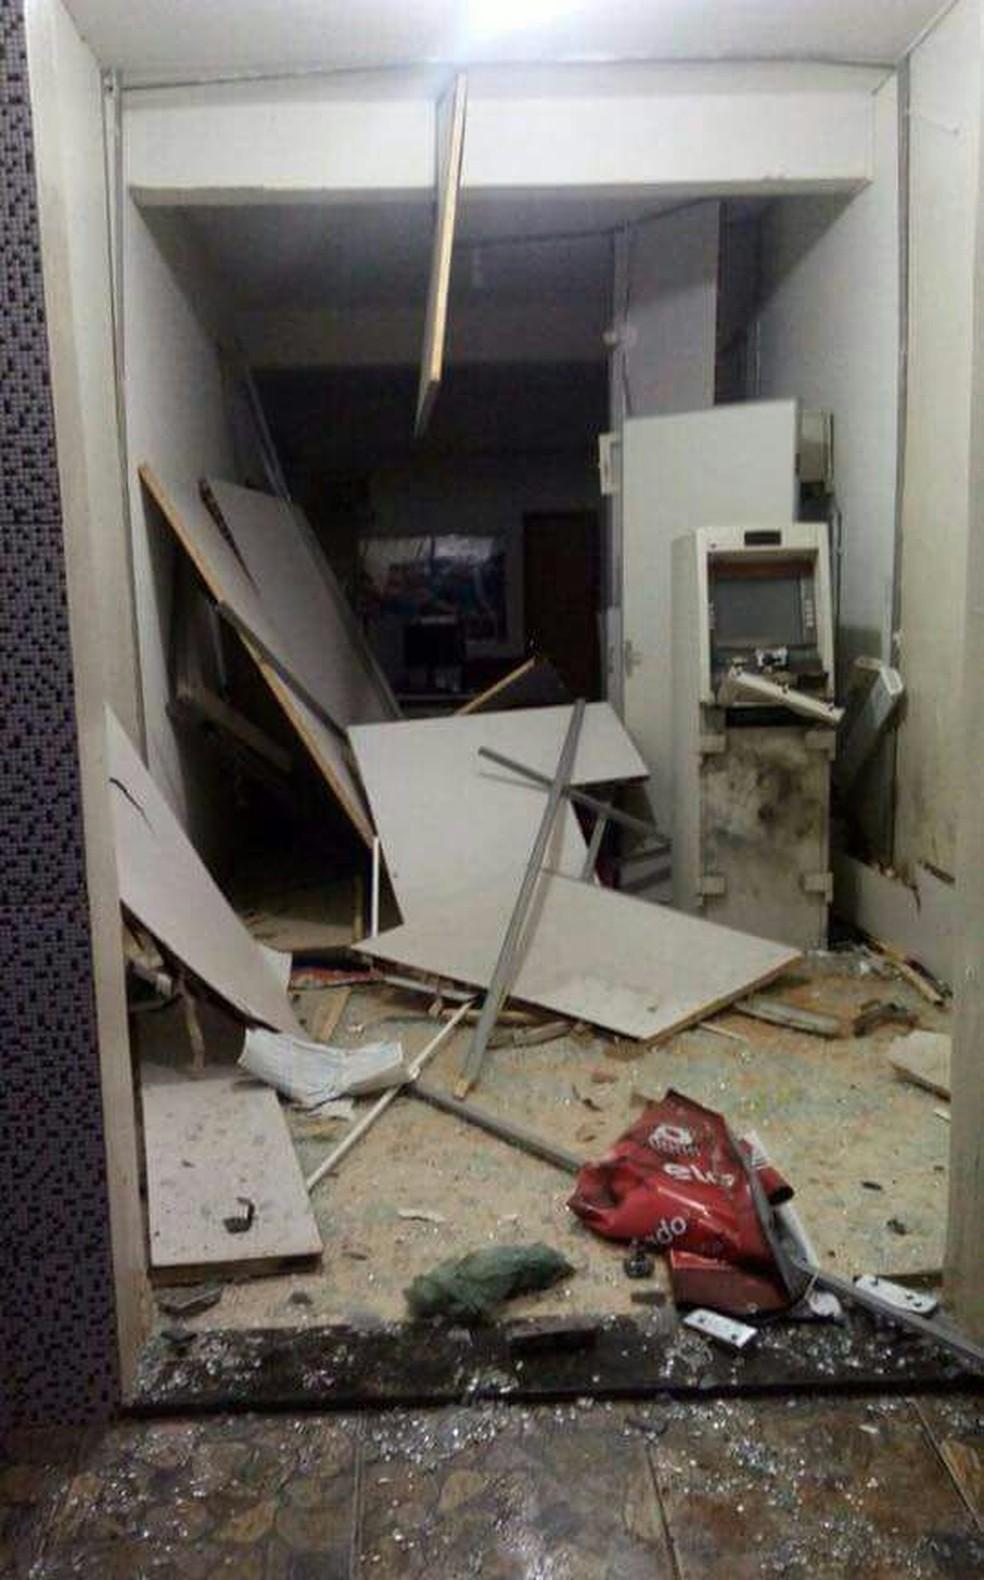 Cenário de destruição após a explosão do caixa eletrônico em Capitão Andrade (MG) (Foto: Jhonatas Daher/Arquivo Pessoal)